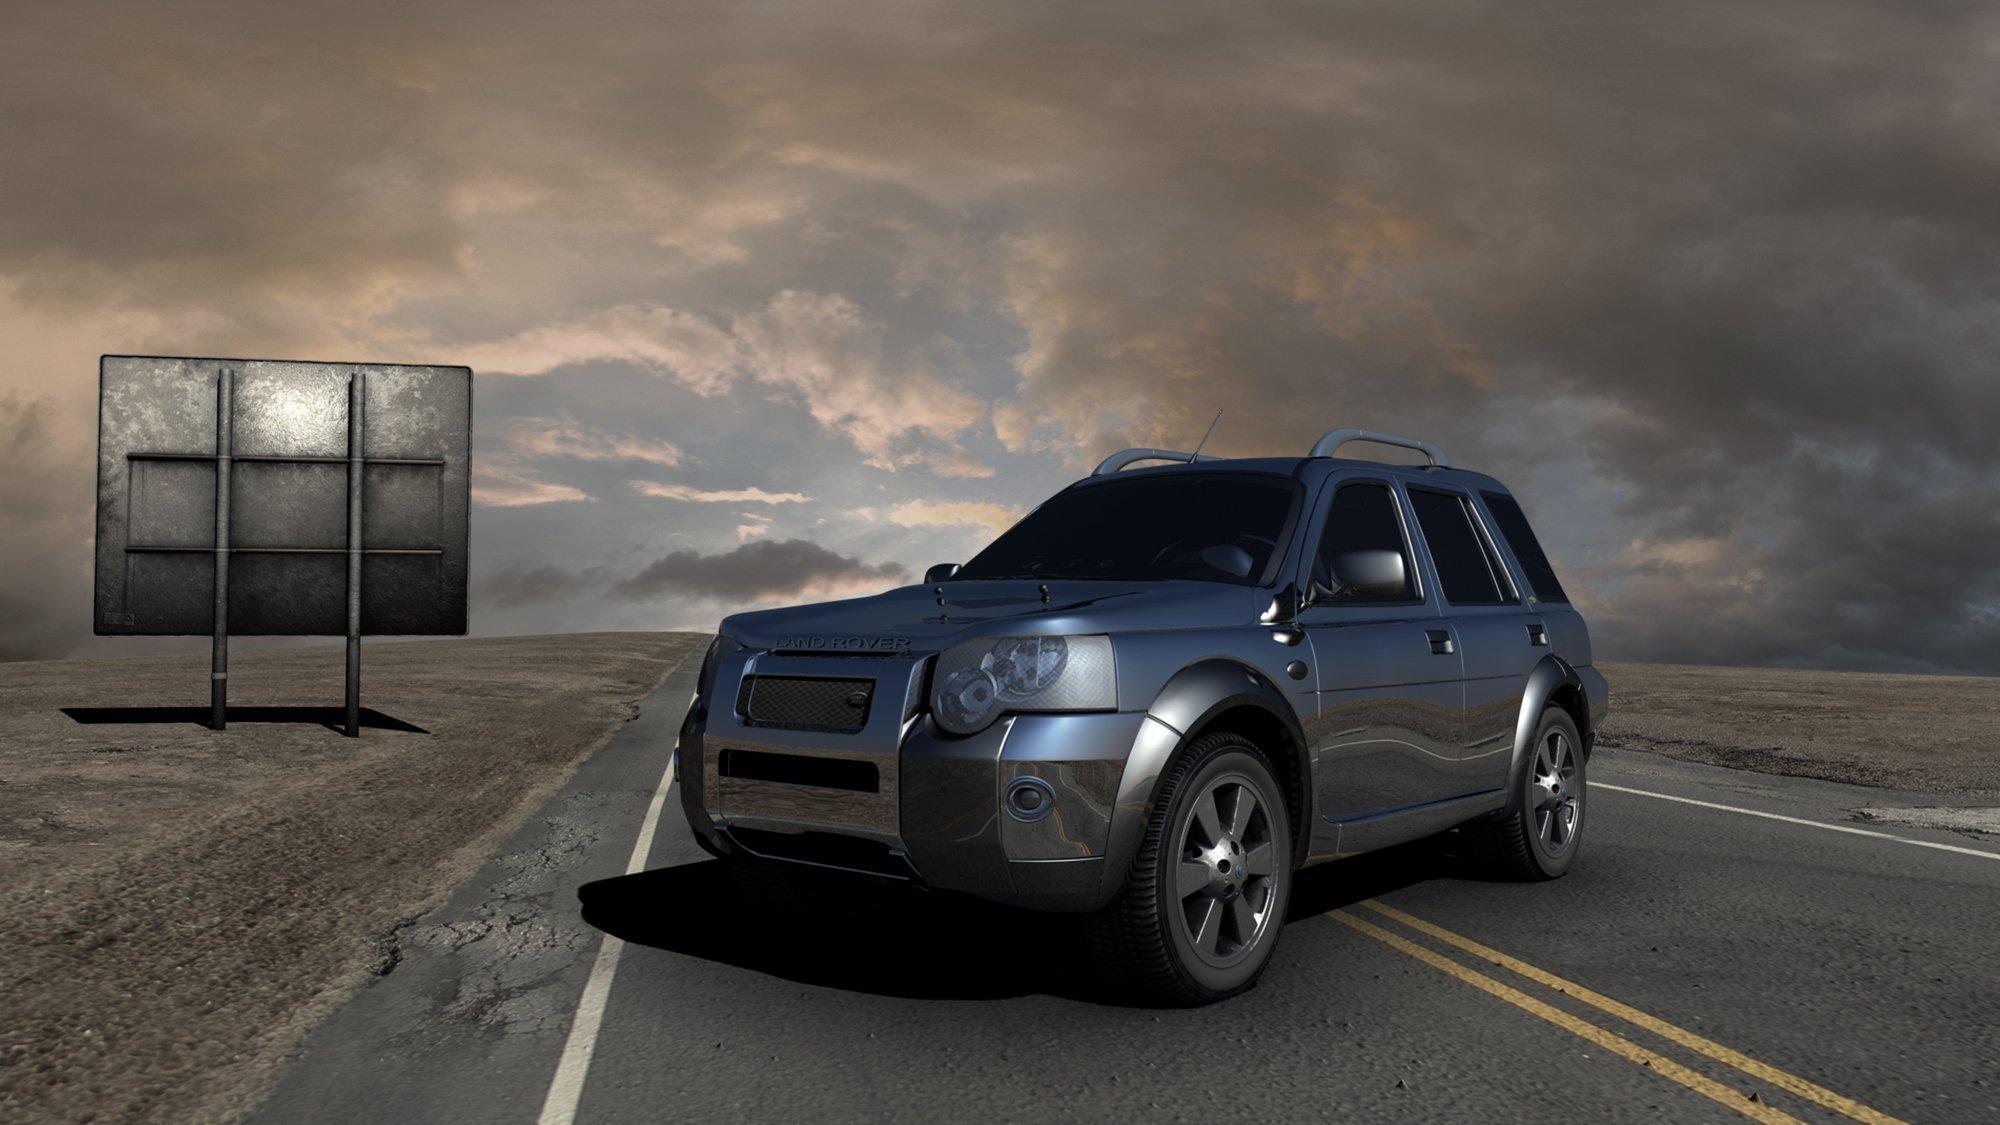 Symbolfoto SUV: Ein SUV steht auf der Straße in einer Wüste.